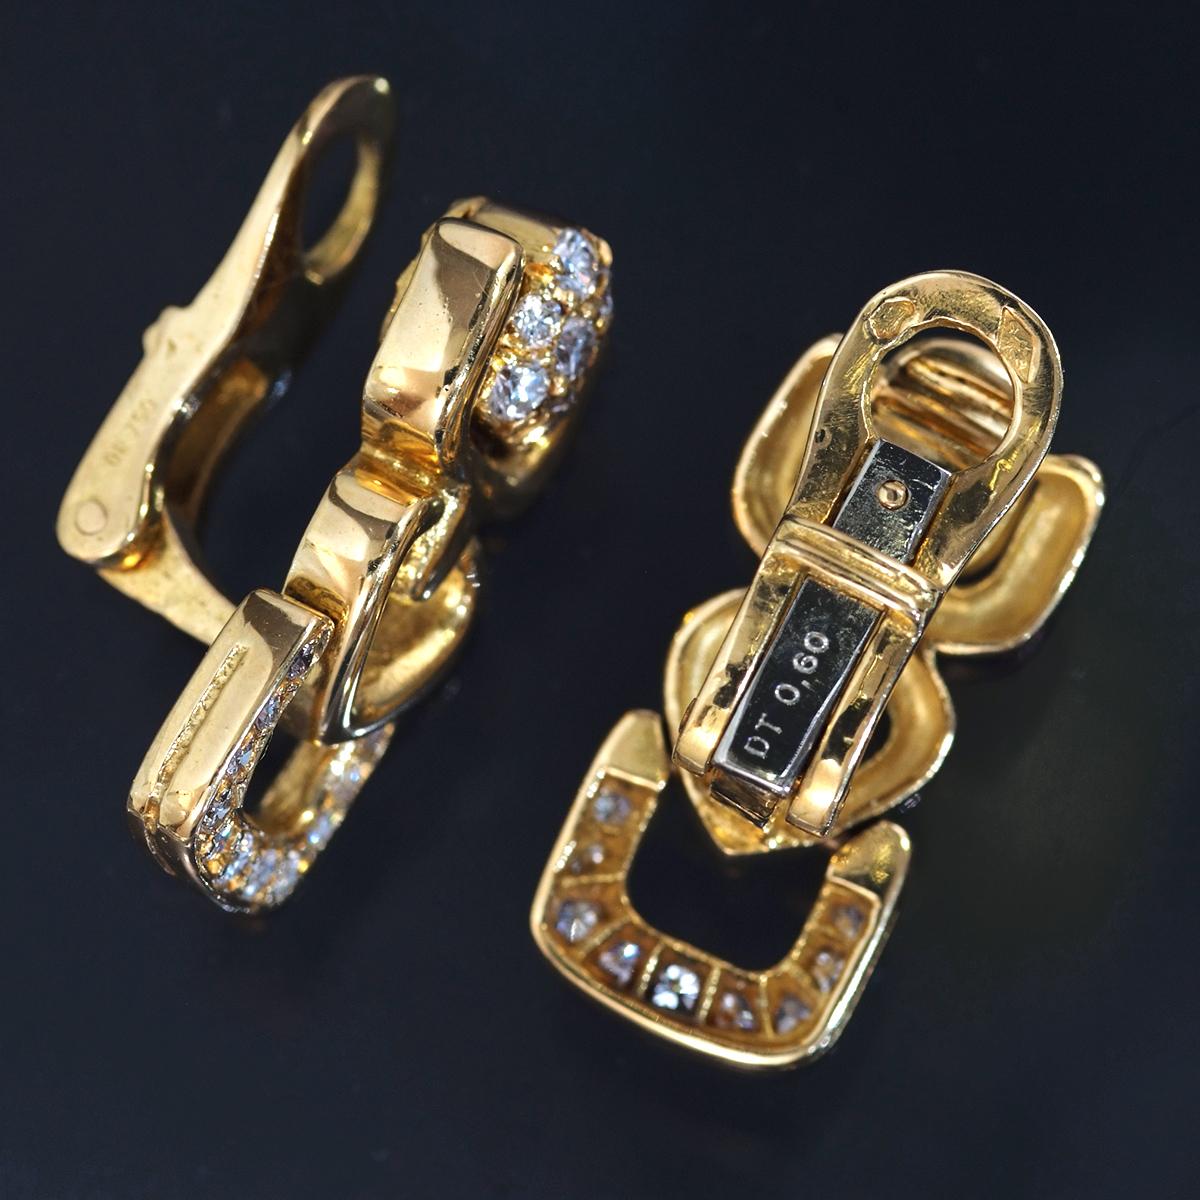 F1774【Made in France】フランス製 天然絶品ダイヤモンド1.20ct 最高級18金無垢イヤリング 重量9.8g 幅20.8×9.5mm_画像2